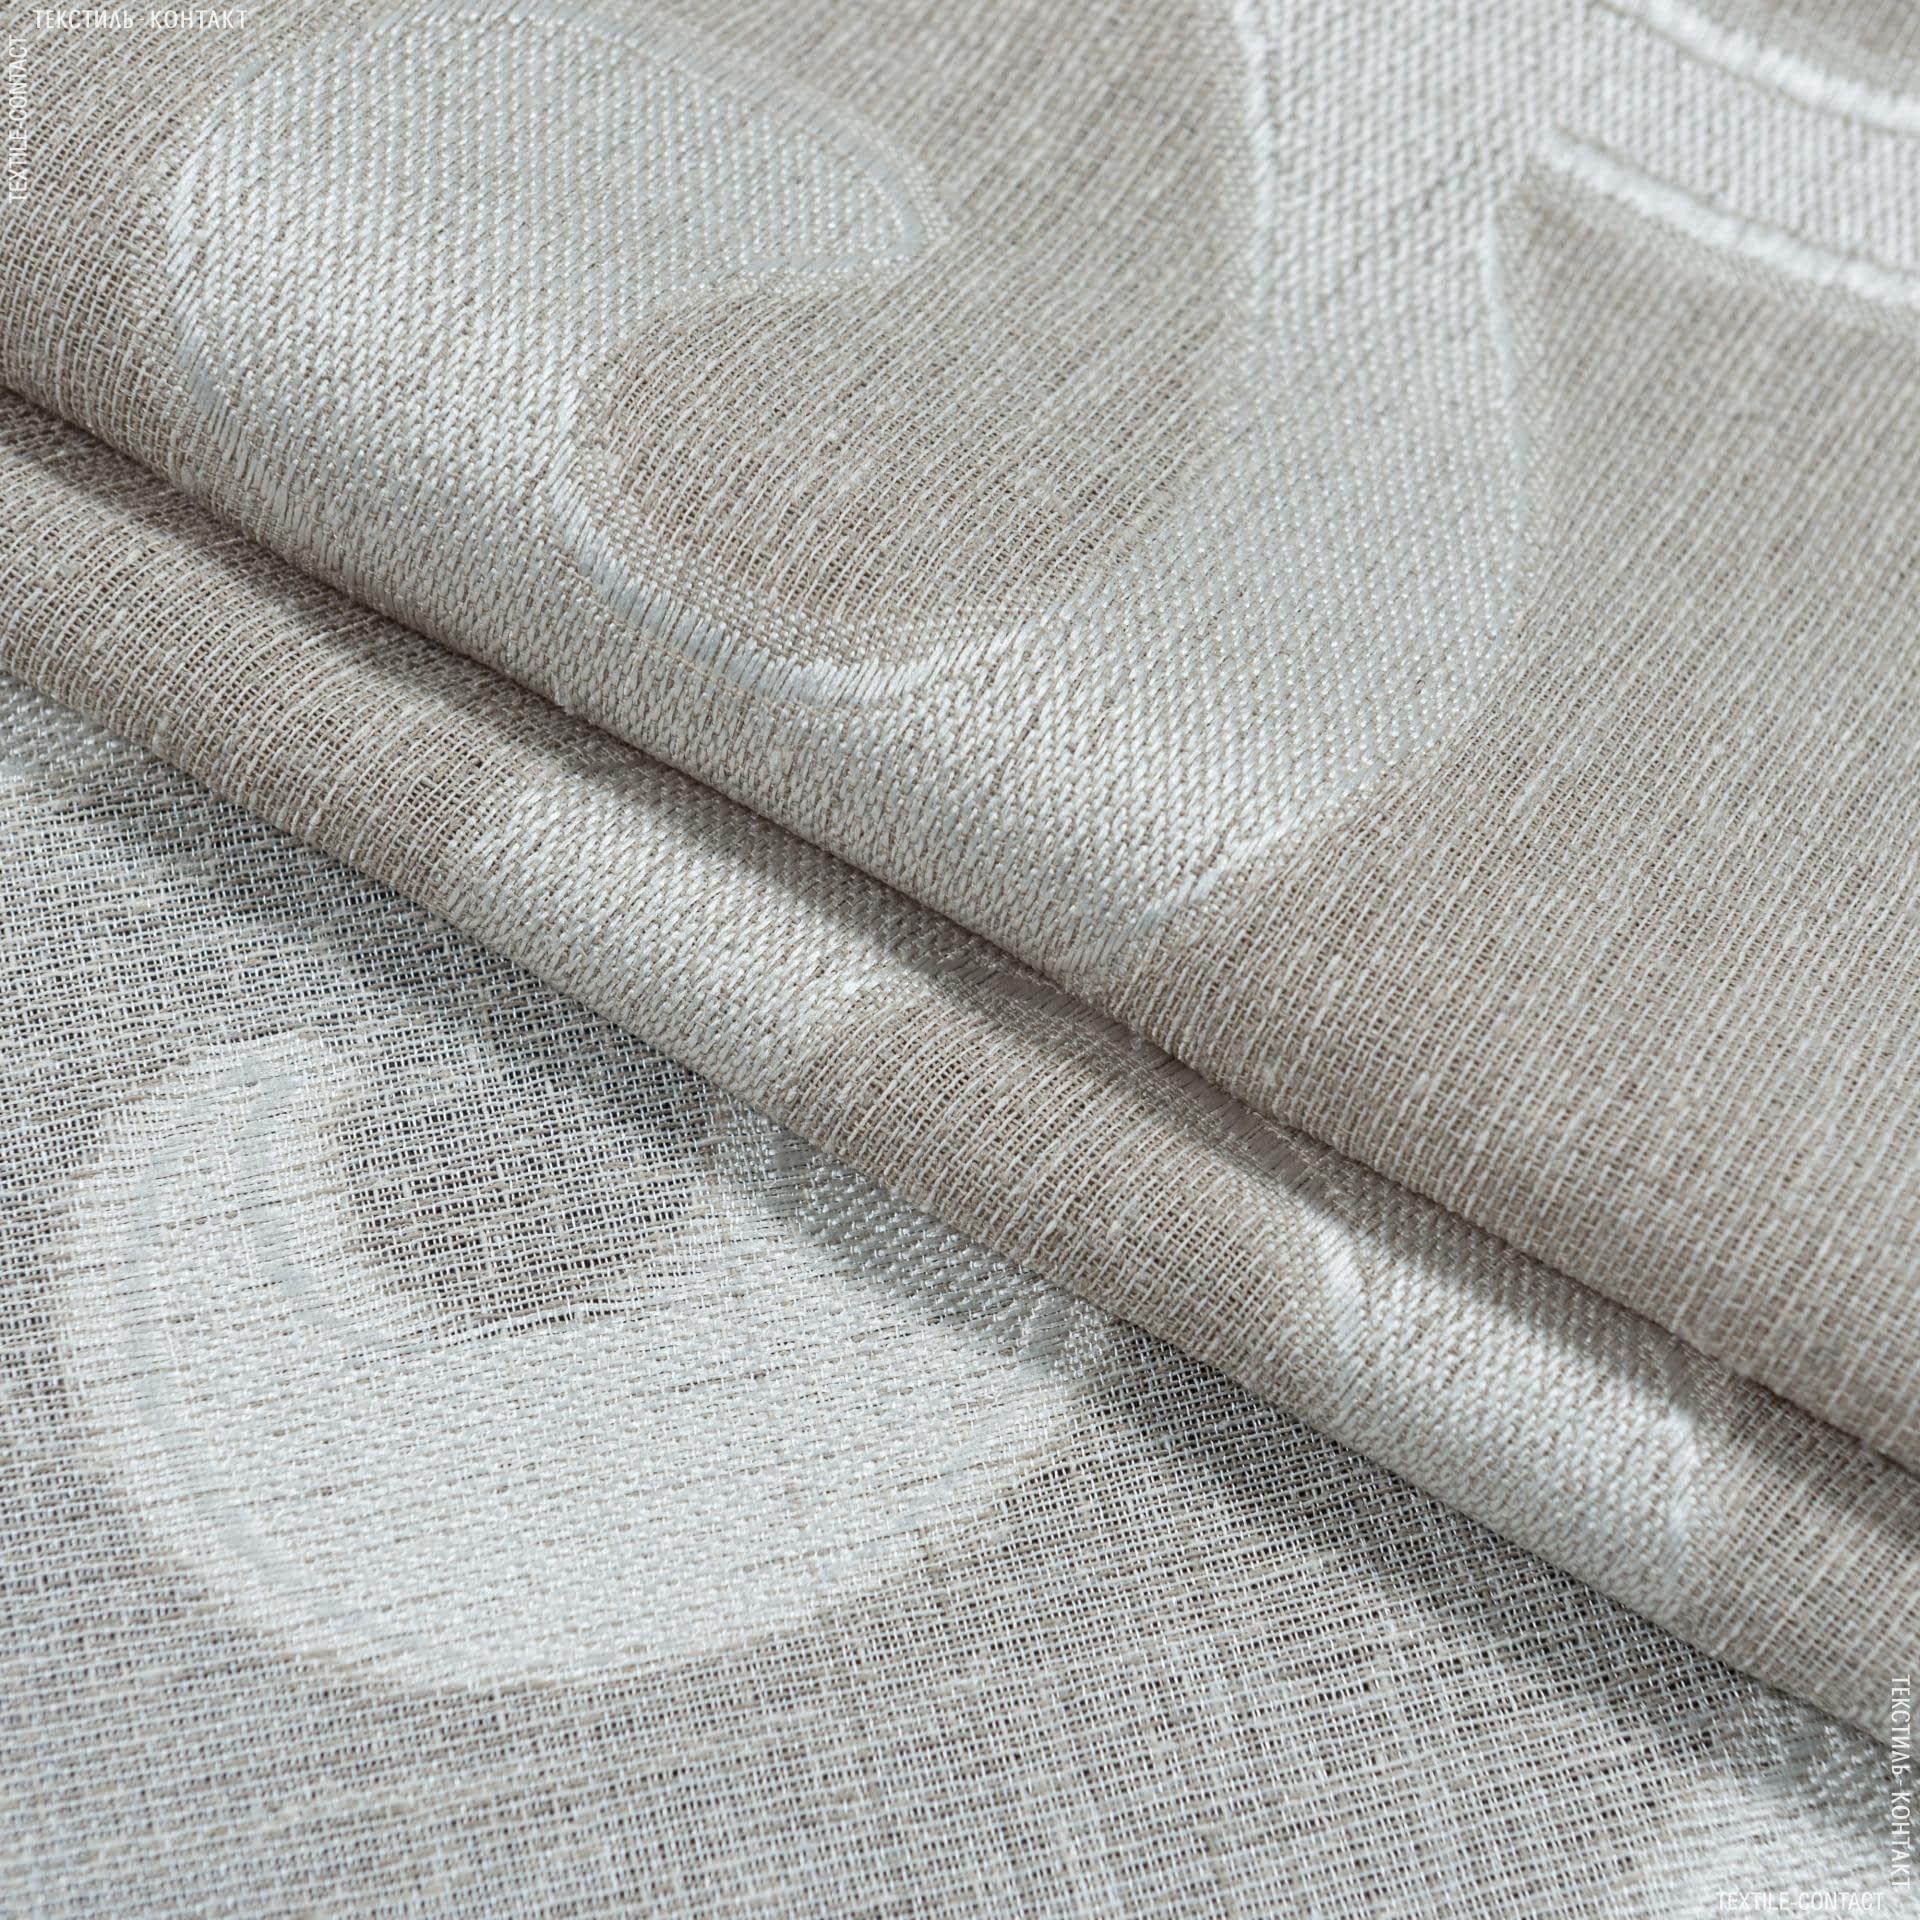 Тканини гардинні тканини - Тюль з обважнювачем прага жакард деграде/praga беж